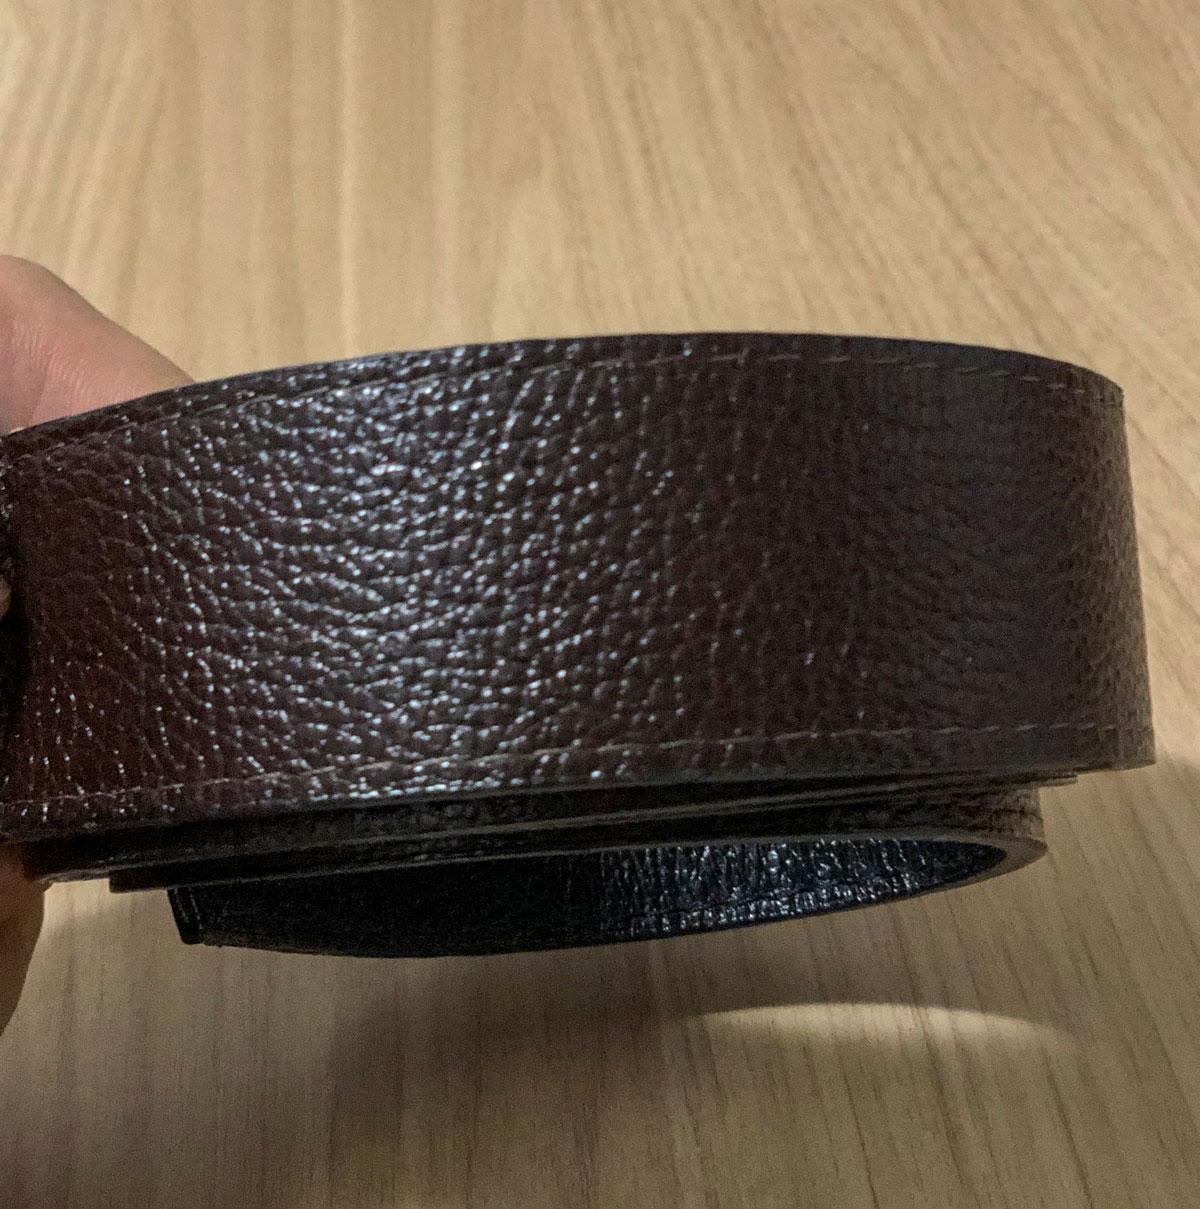 Cinto de Couro Legítimo Executivo - Dupla Face | Preto | Chocolate 1,29m x 3,9cm